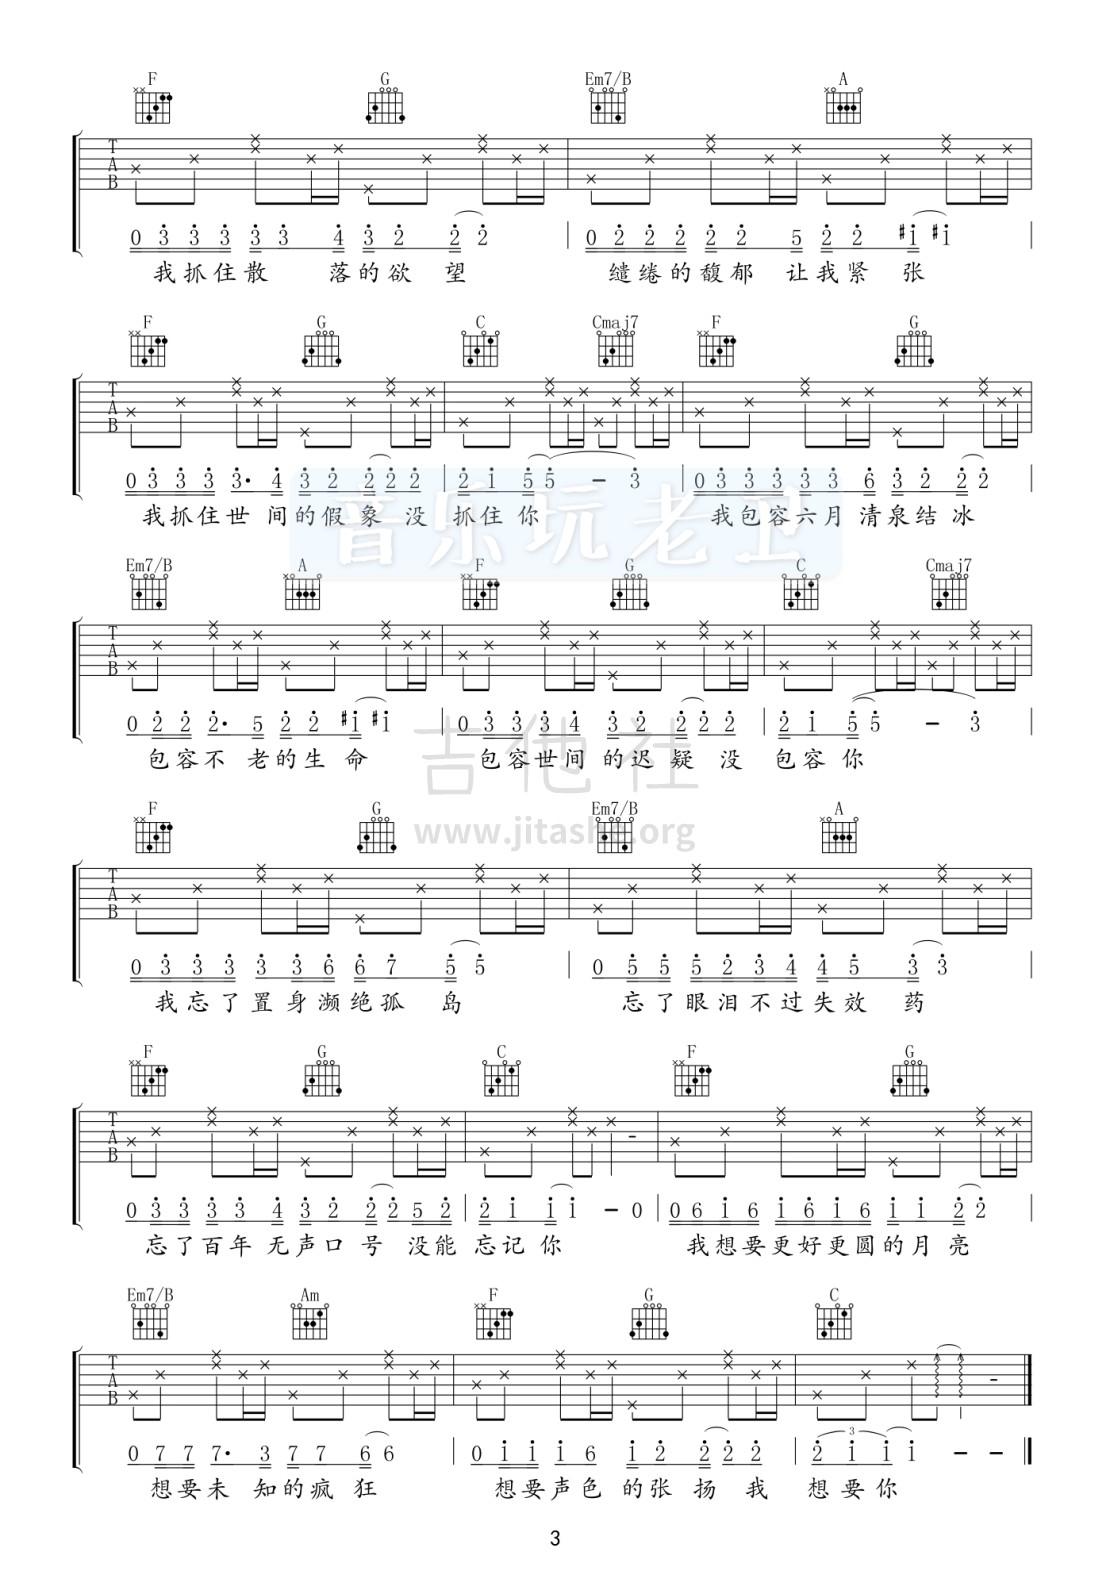 奇妙能力歌吉他谱(图片谱,弹唱,C调,原版)_陈粒_奇妙能力歌3